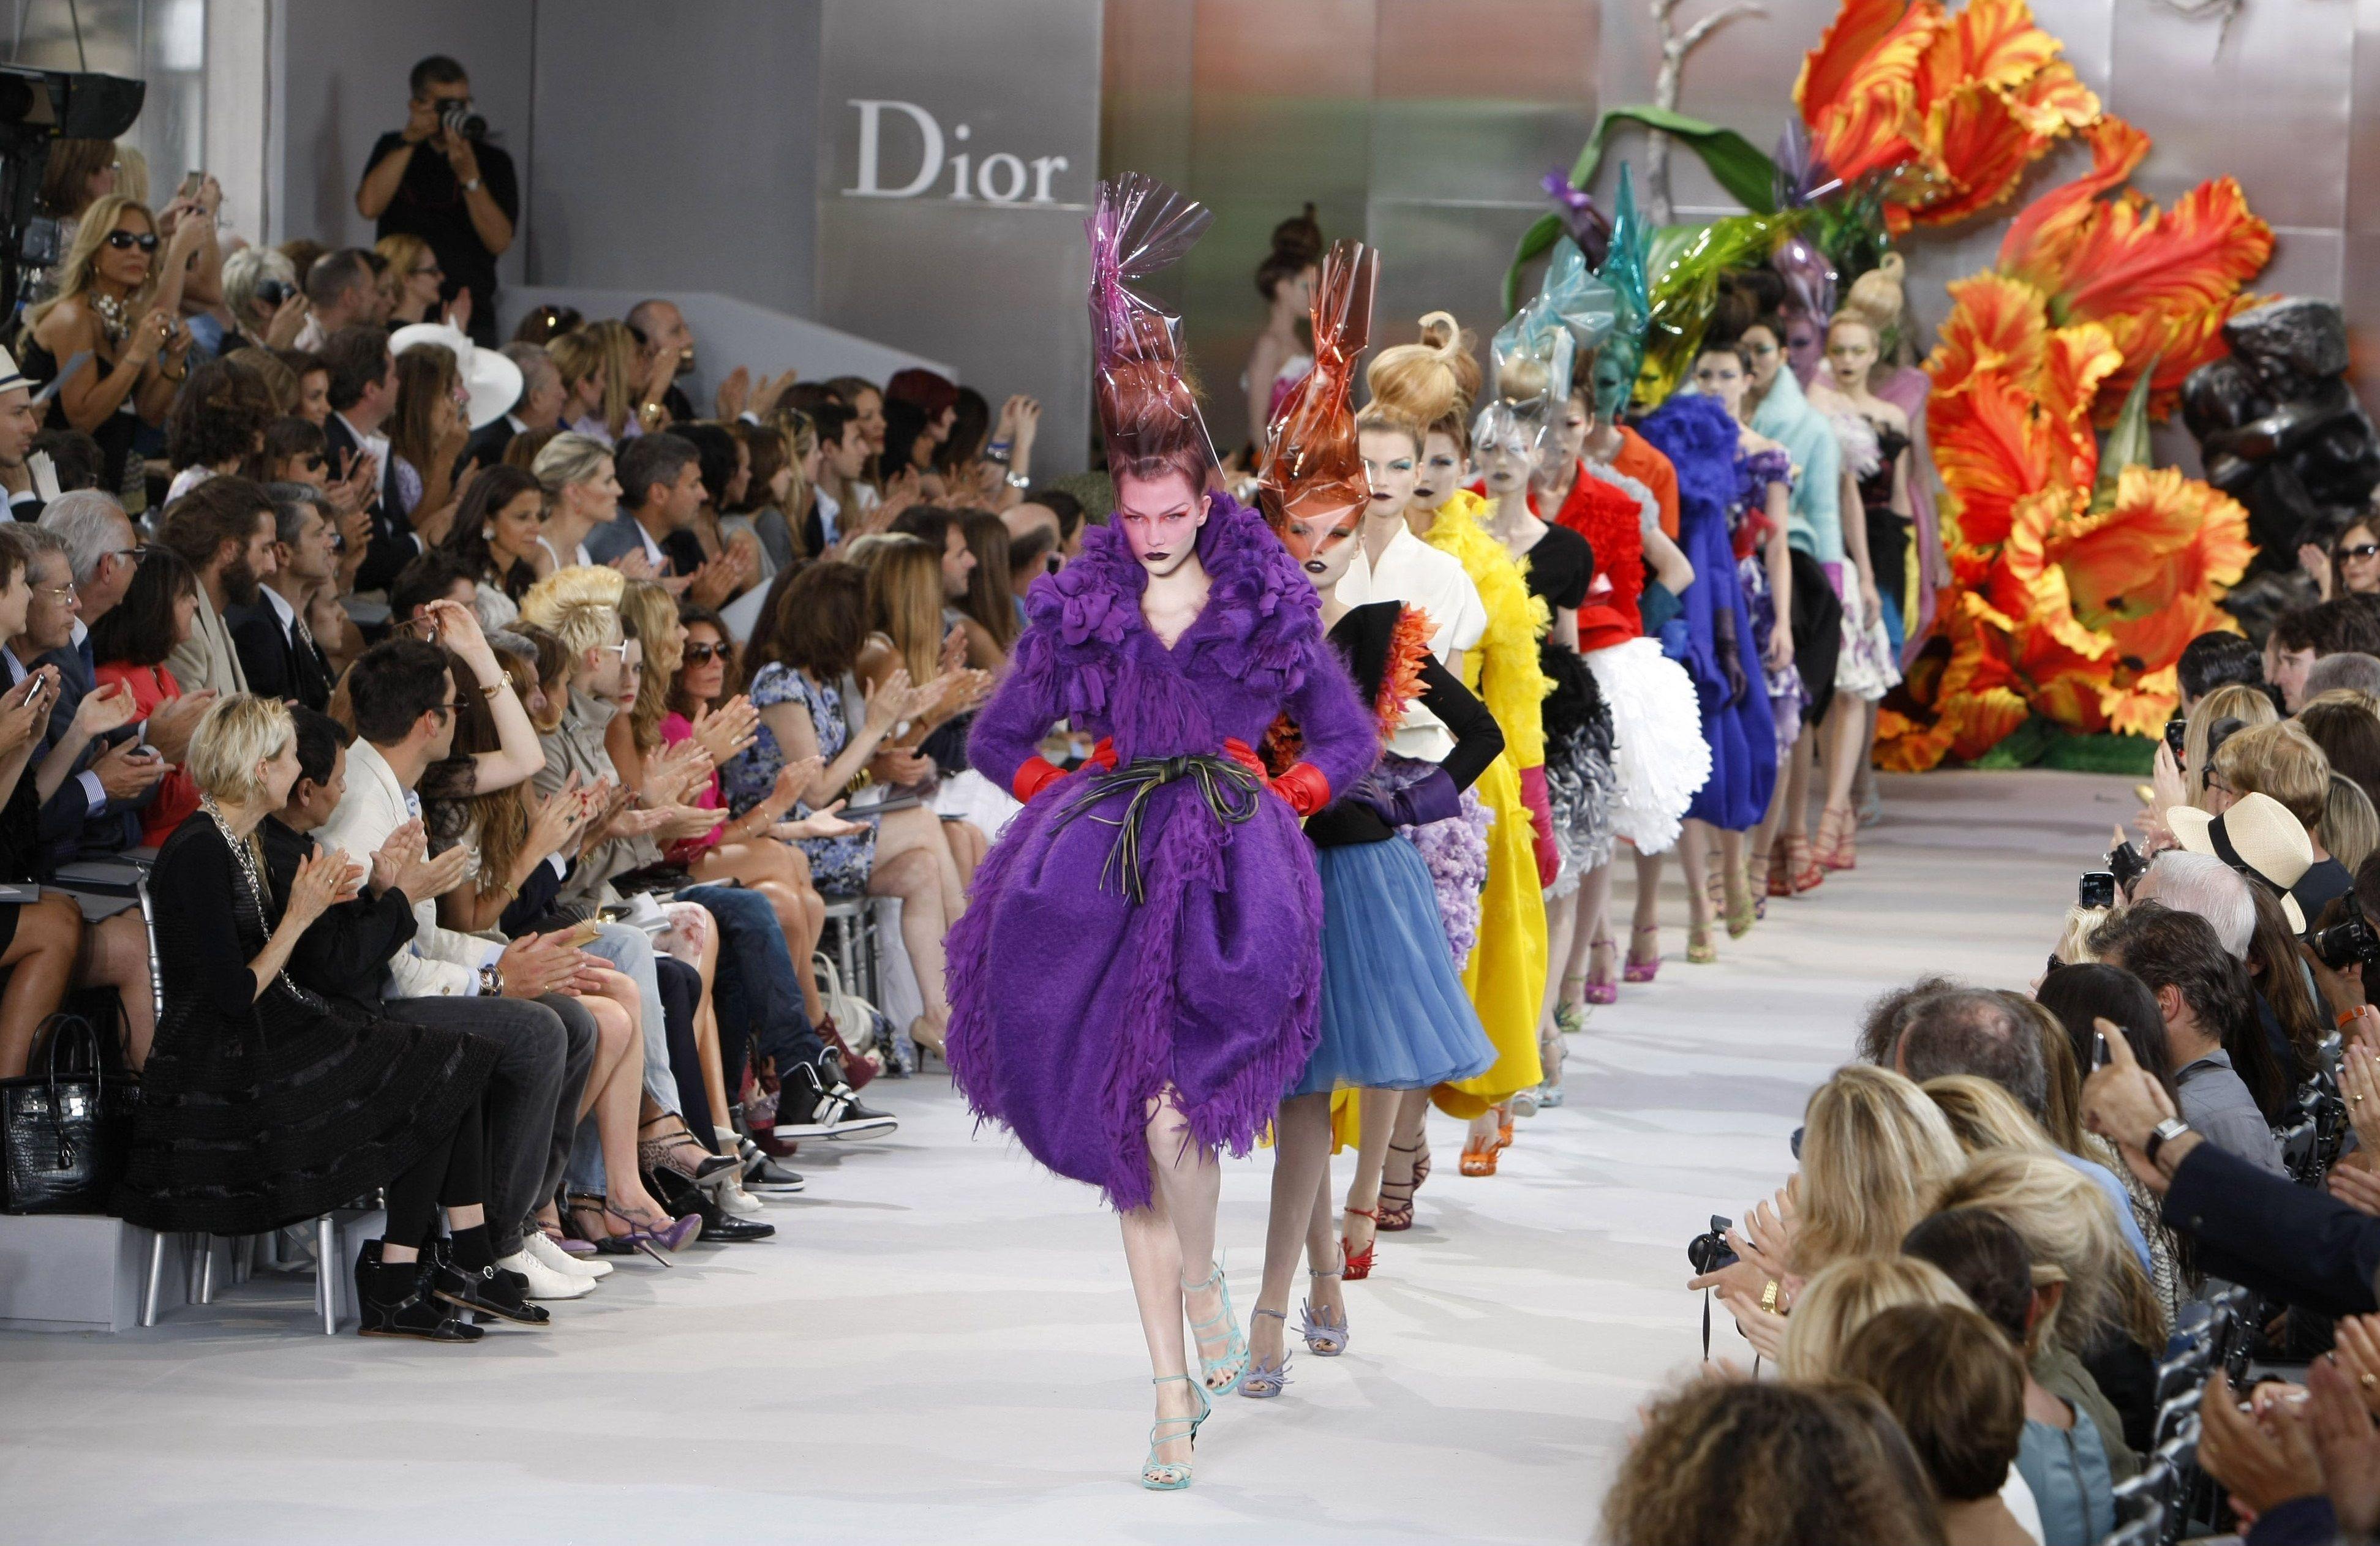 вот показ мод франция фото итоге